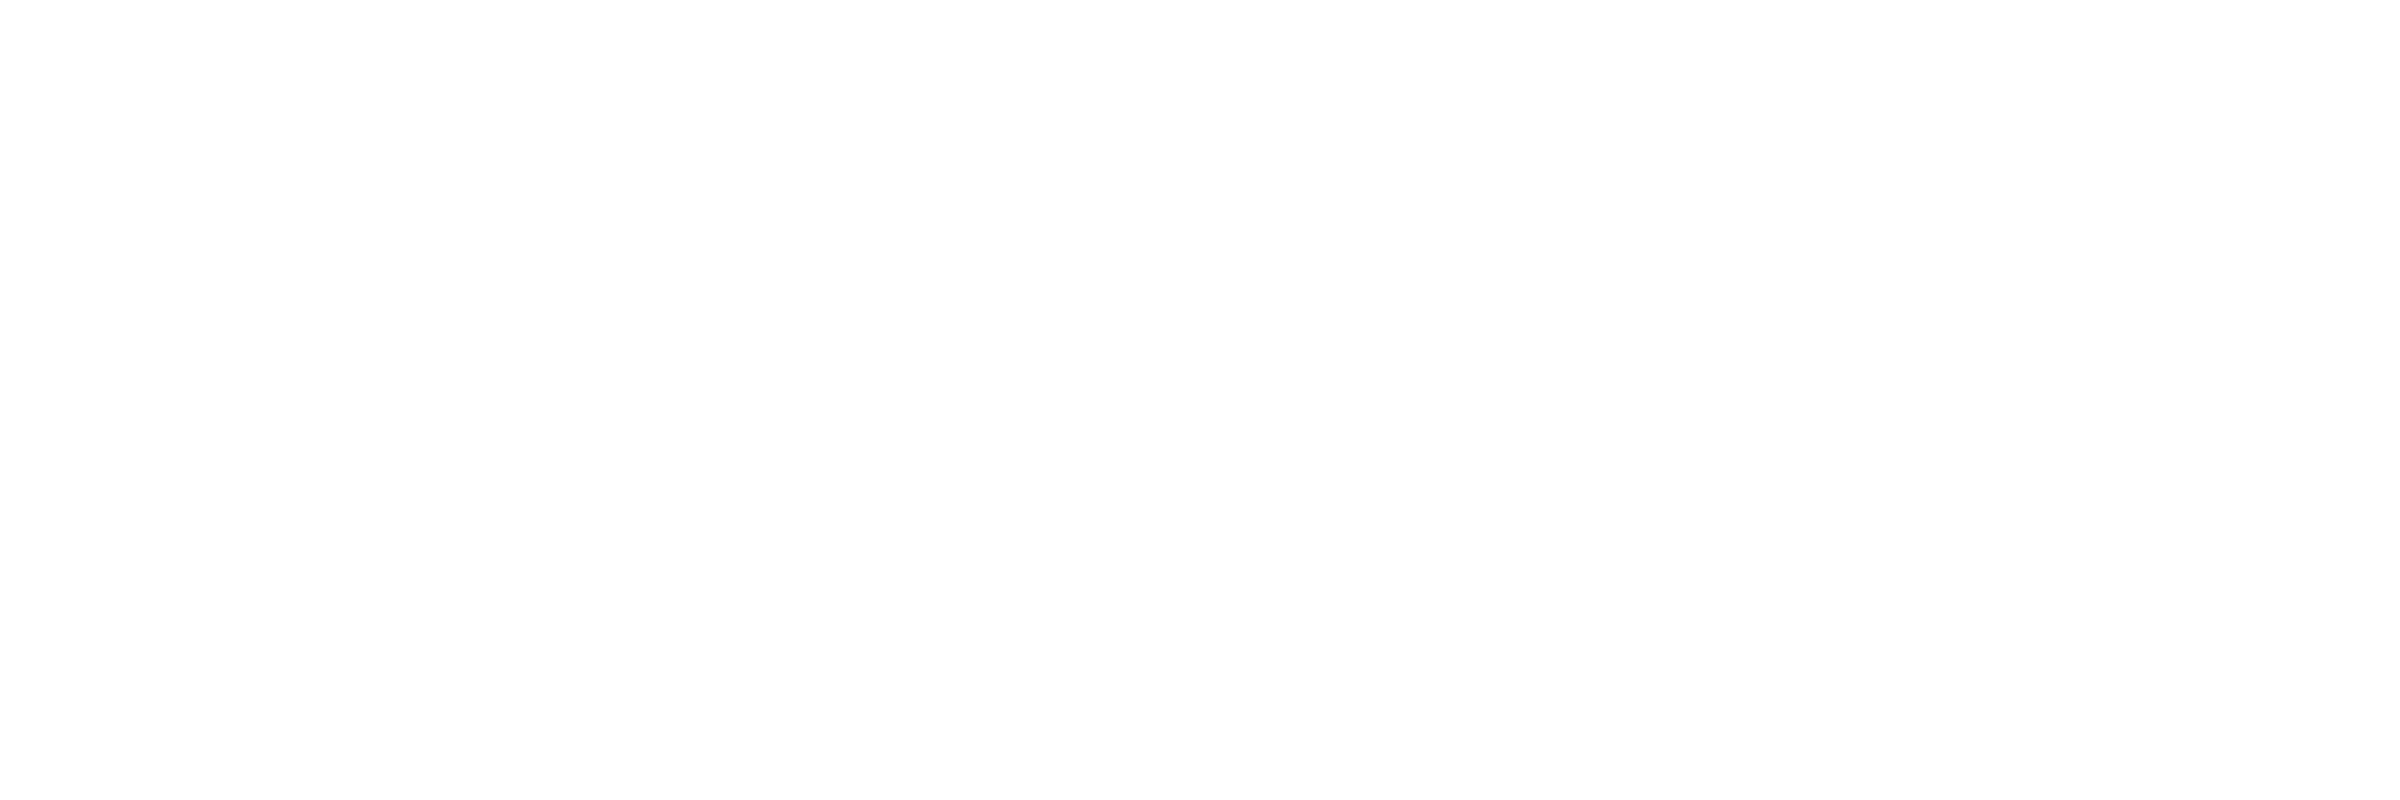 Waking Starlight